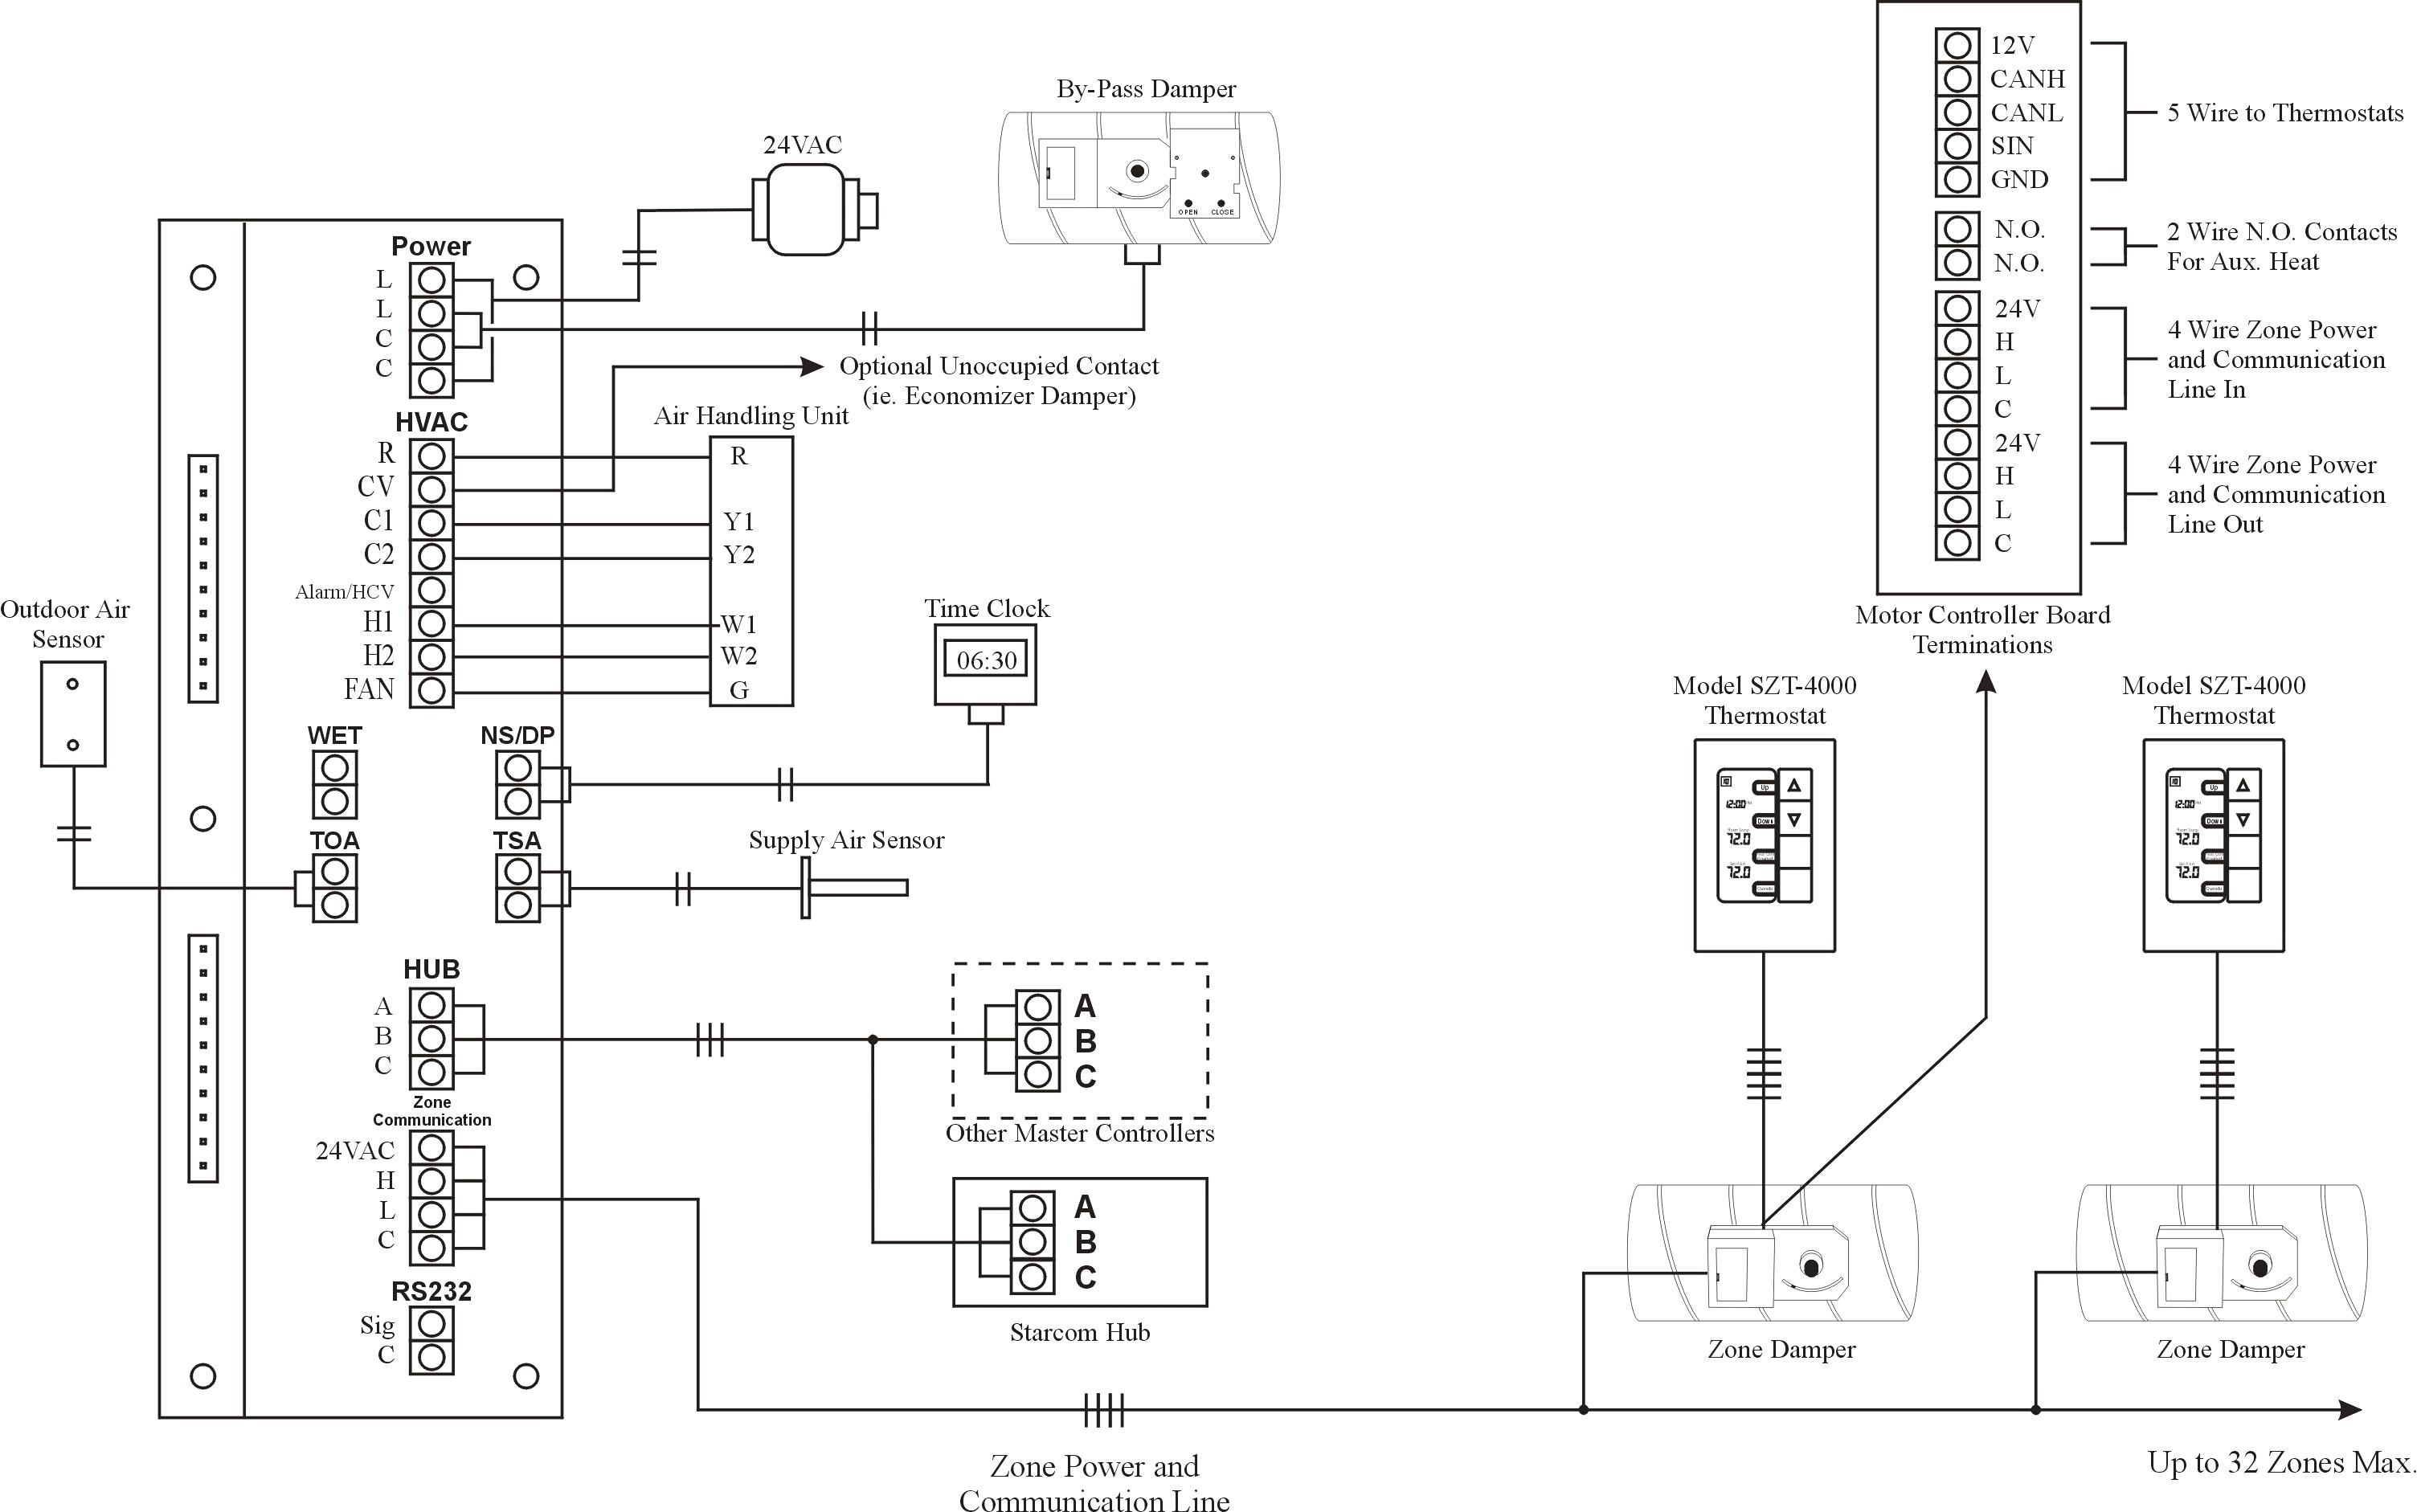 Power Awning Wiring Diagram | Wiring Diagram Database